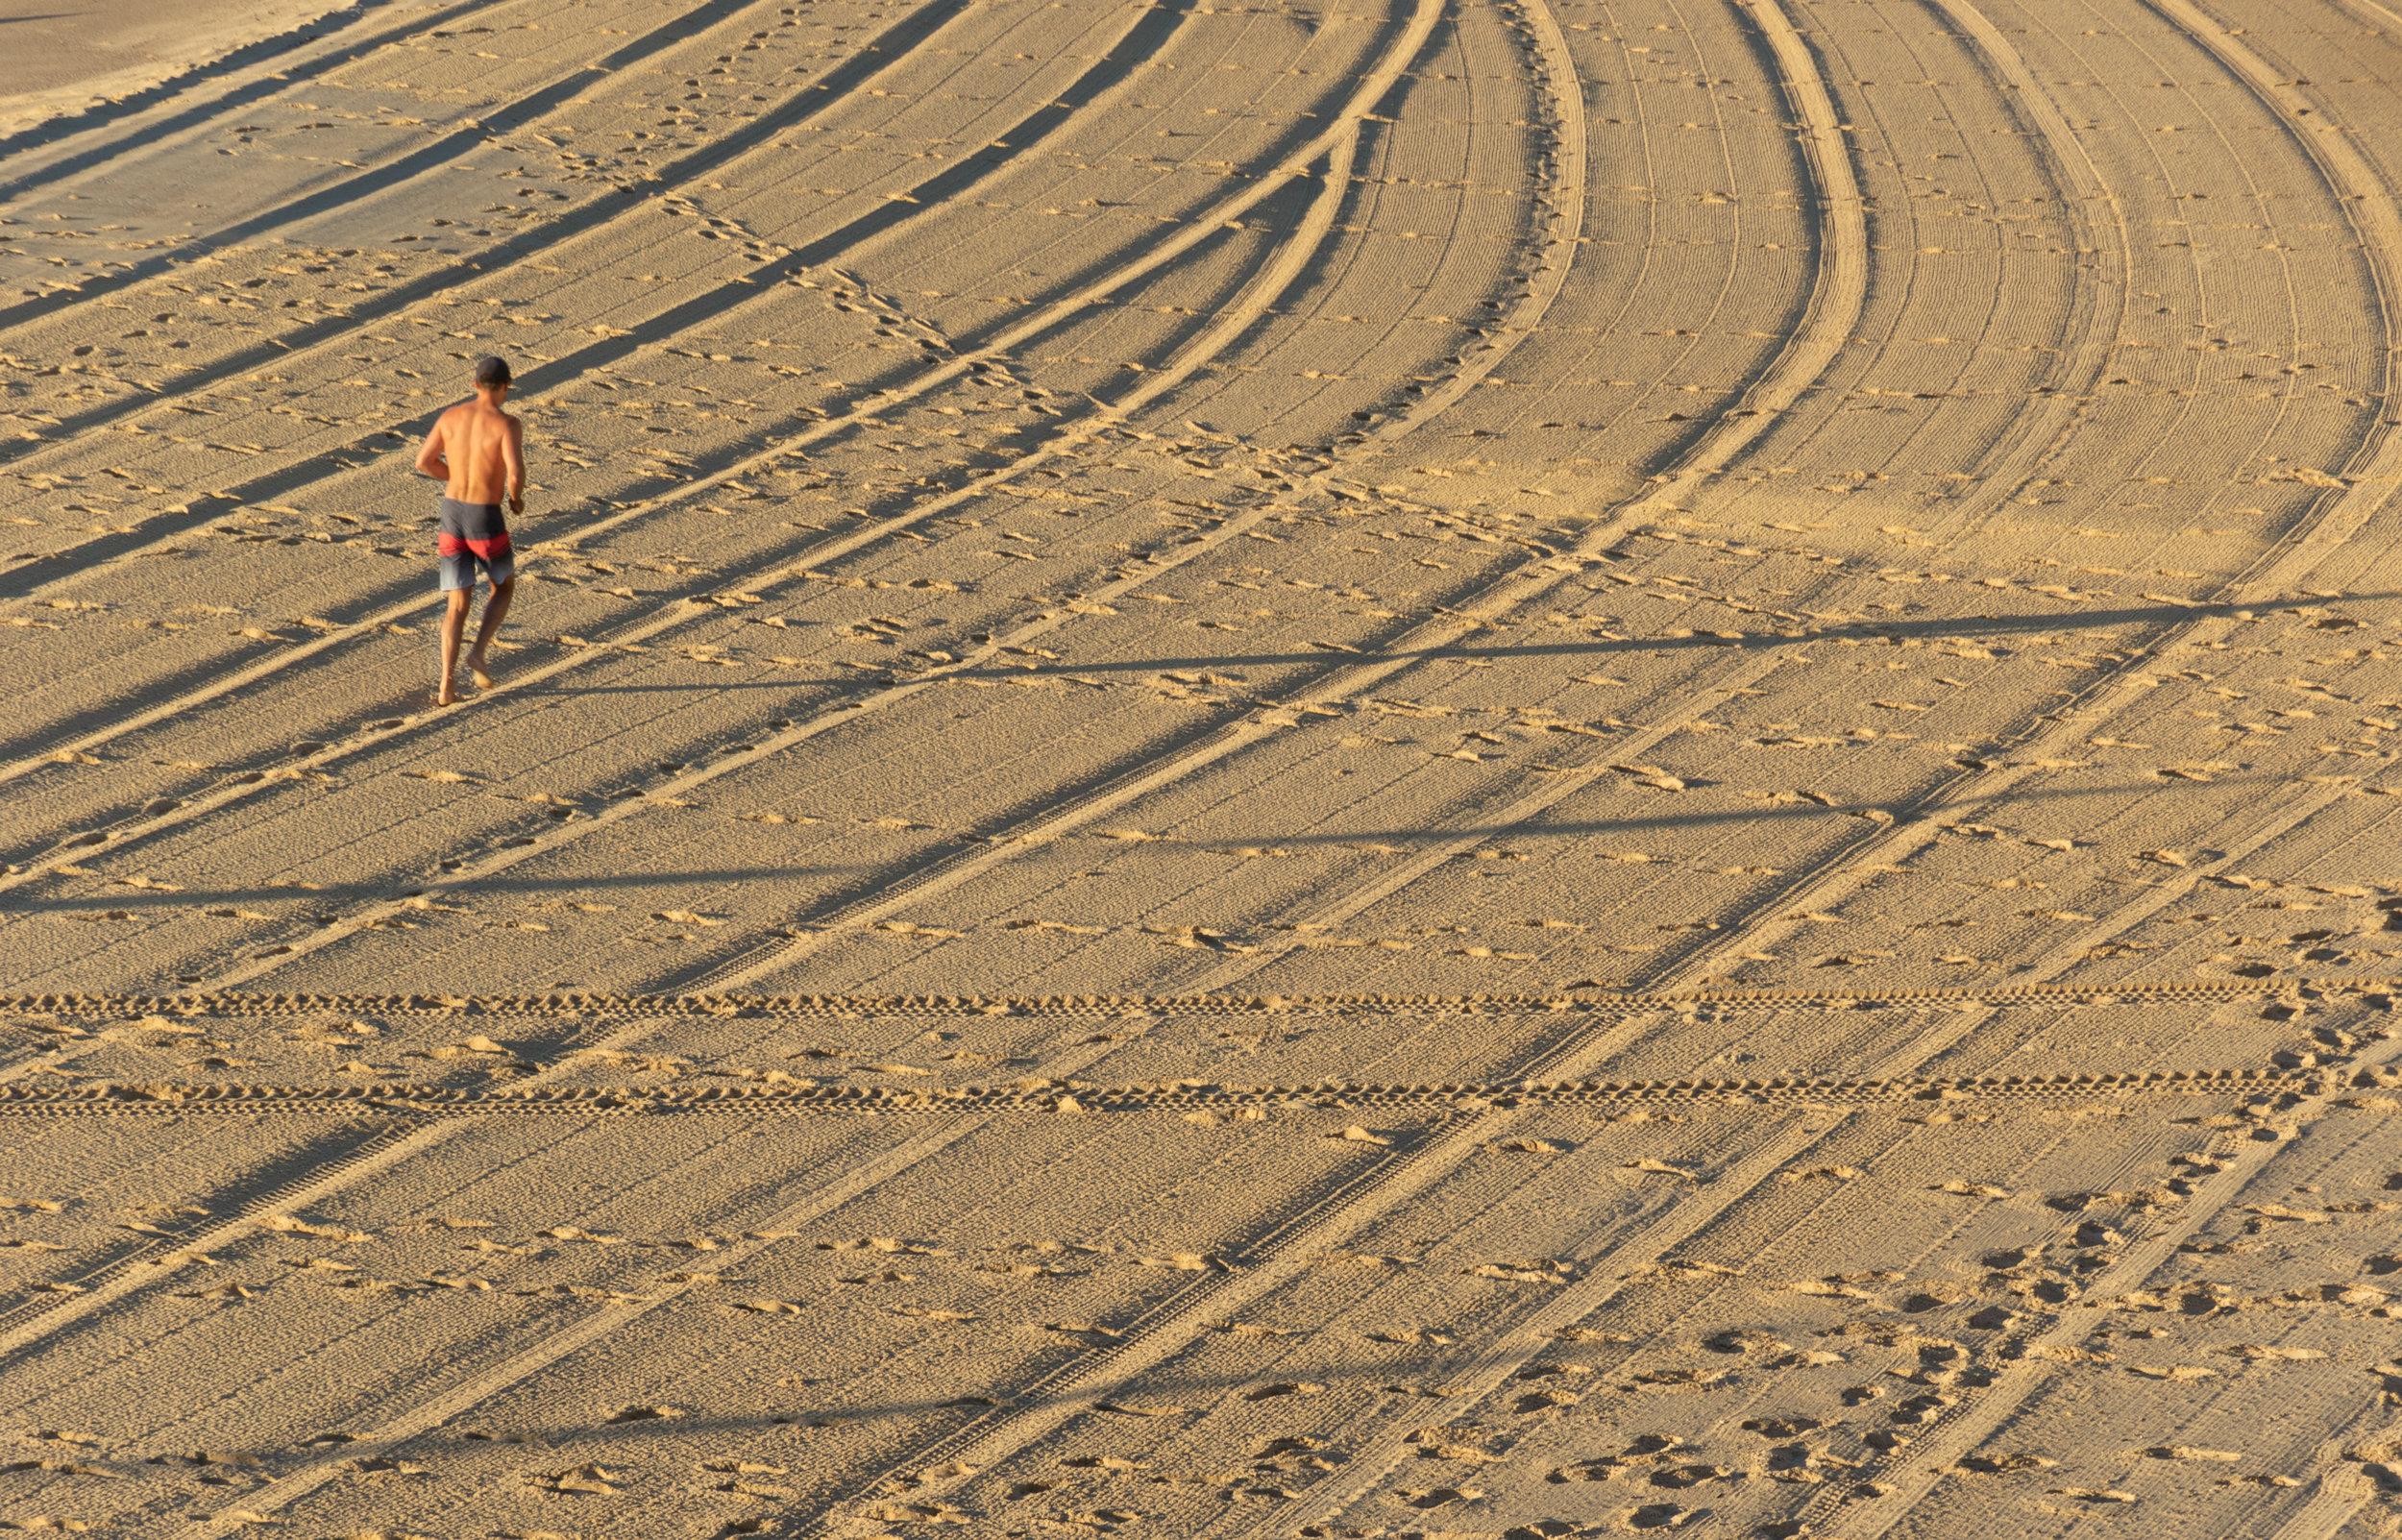 morning runner on the beach